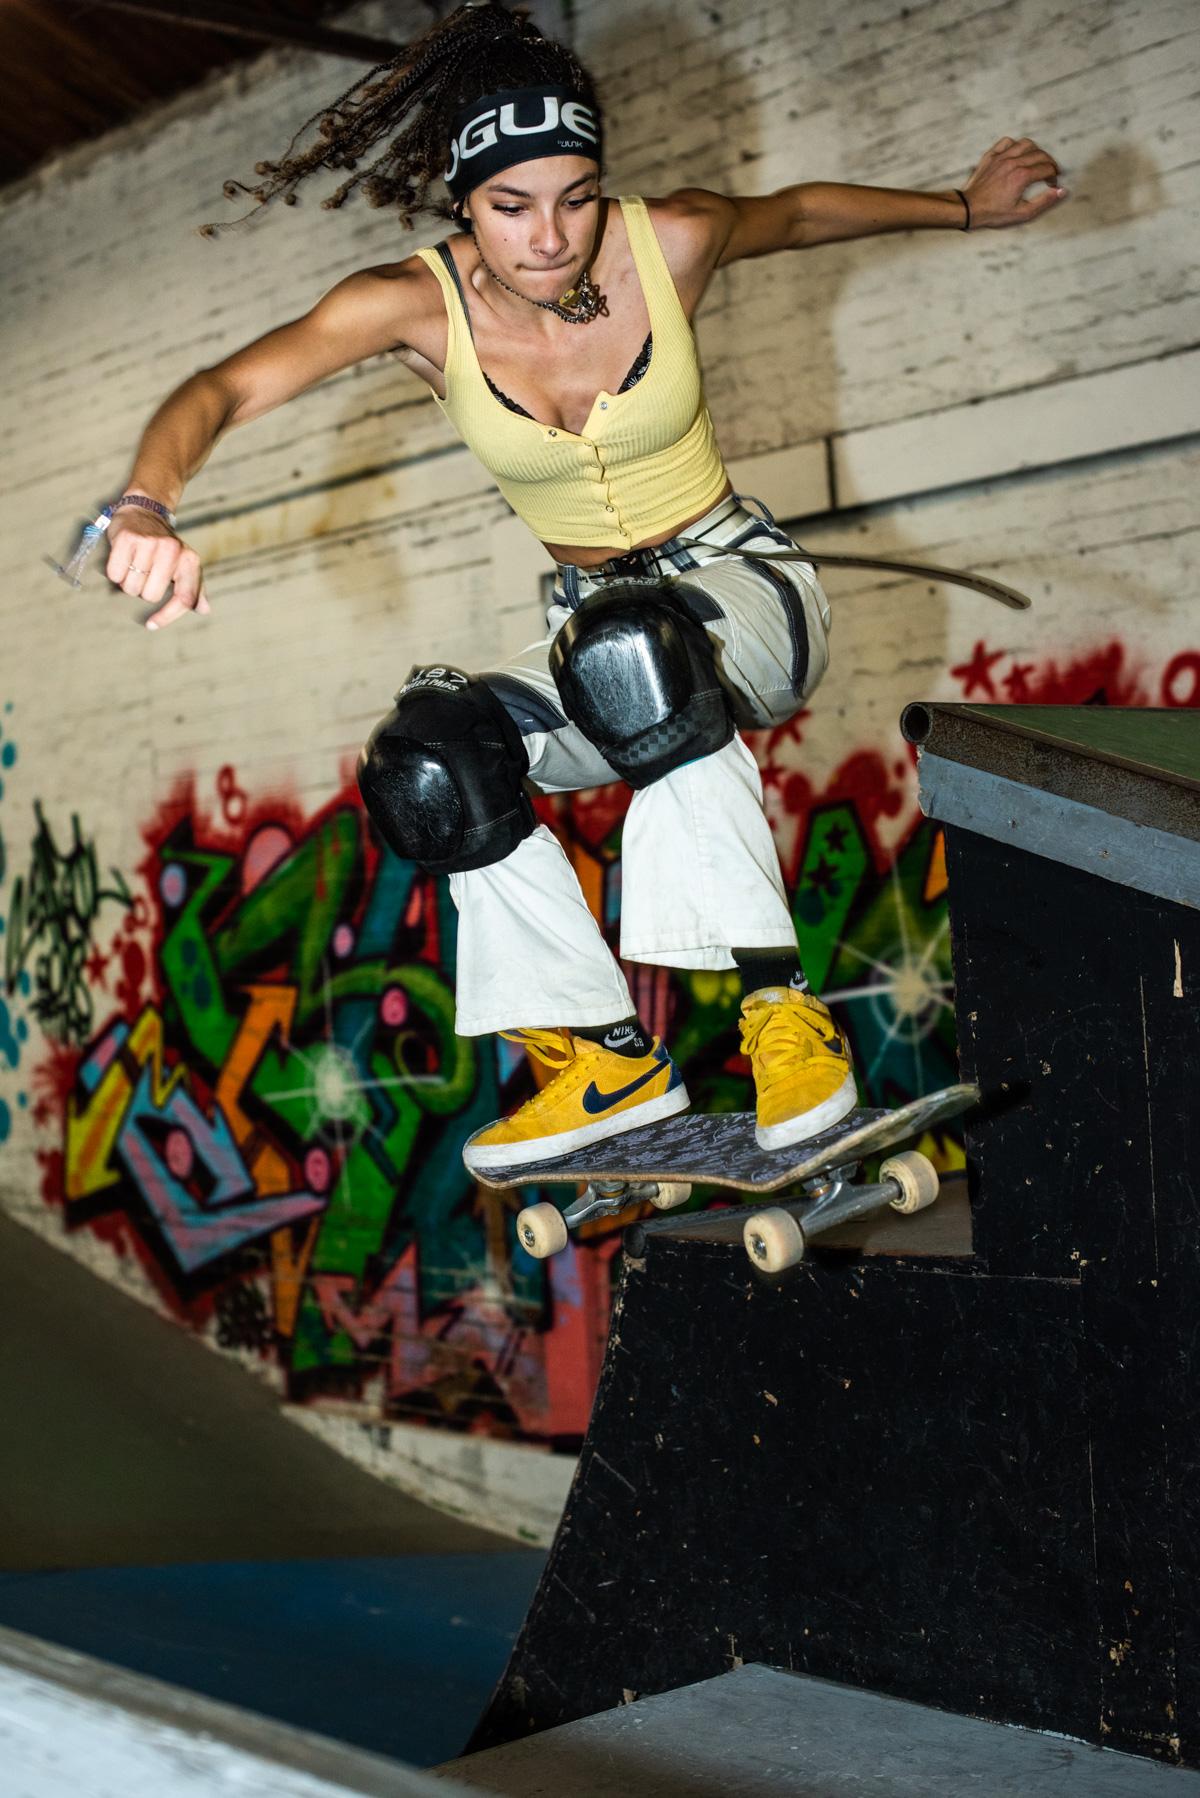 Girls Can Skate